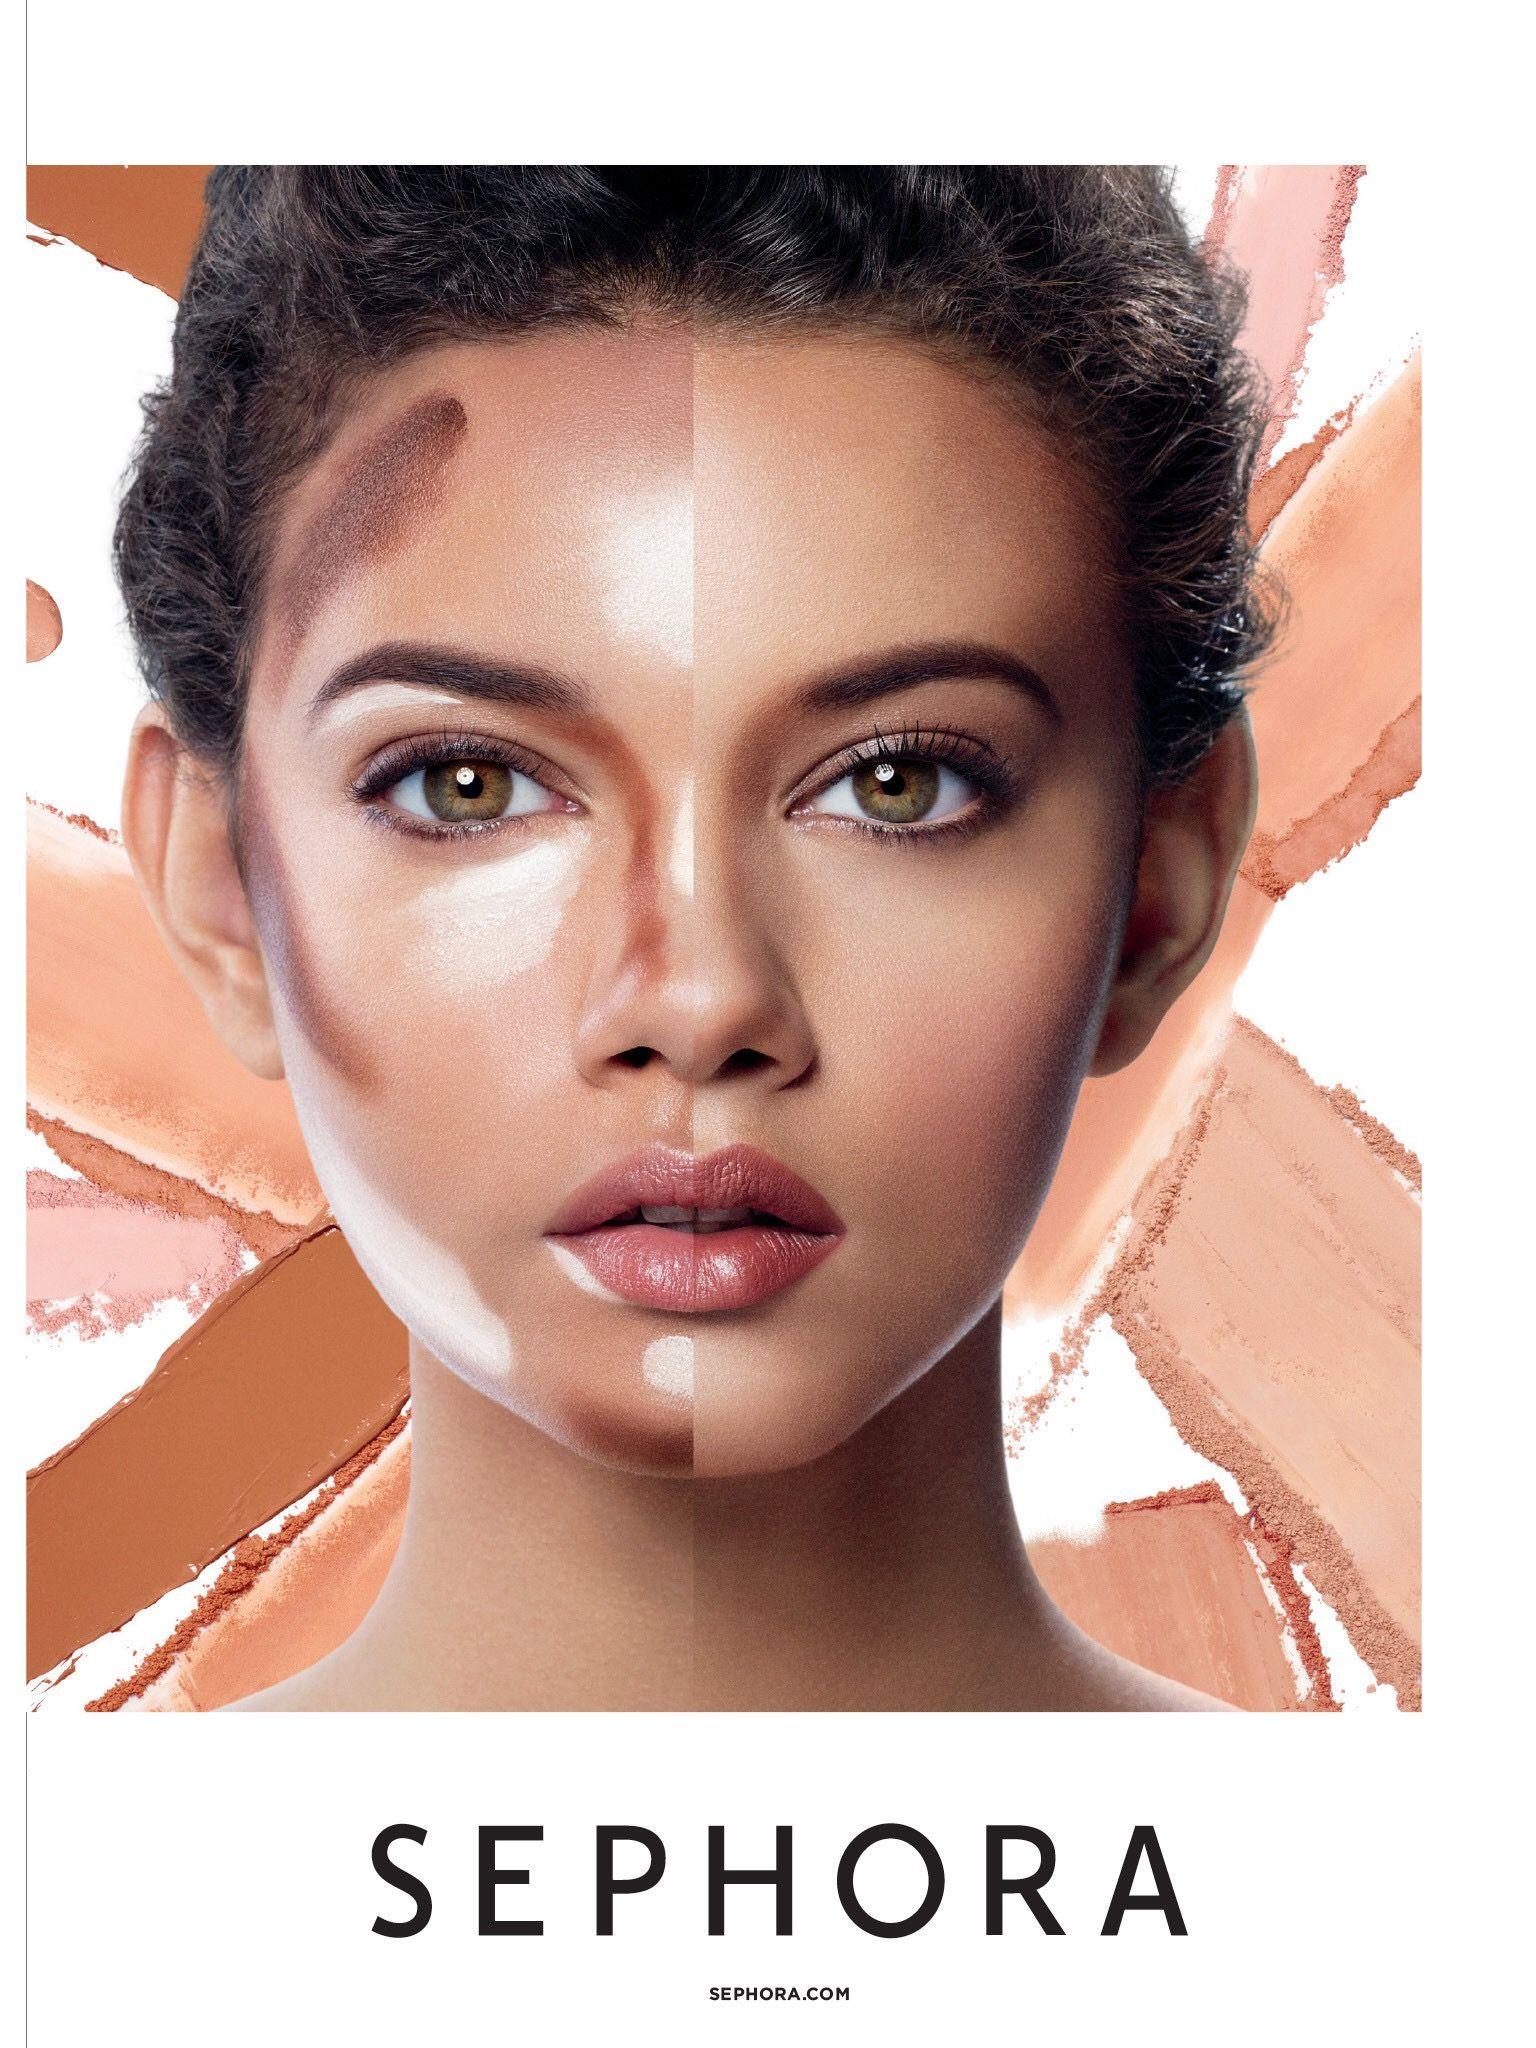 Pin by May Albinali on Make up Contour makeup, Makeup